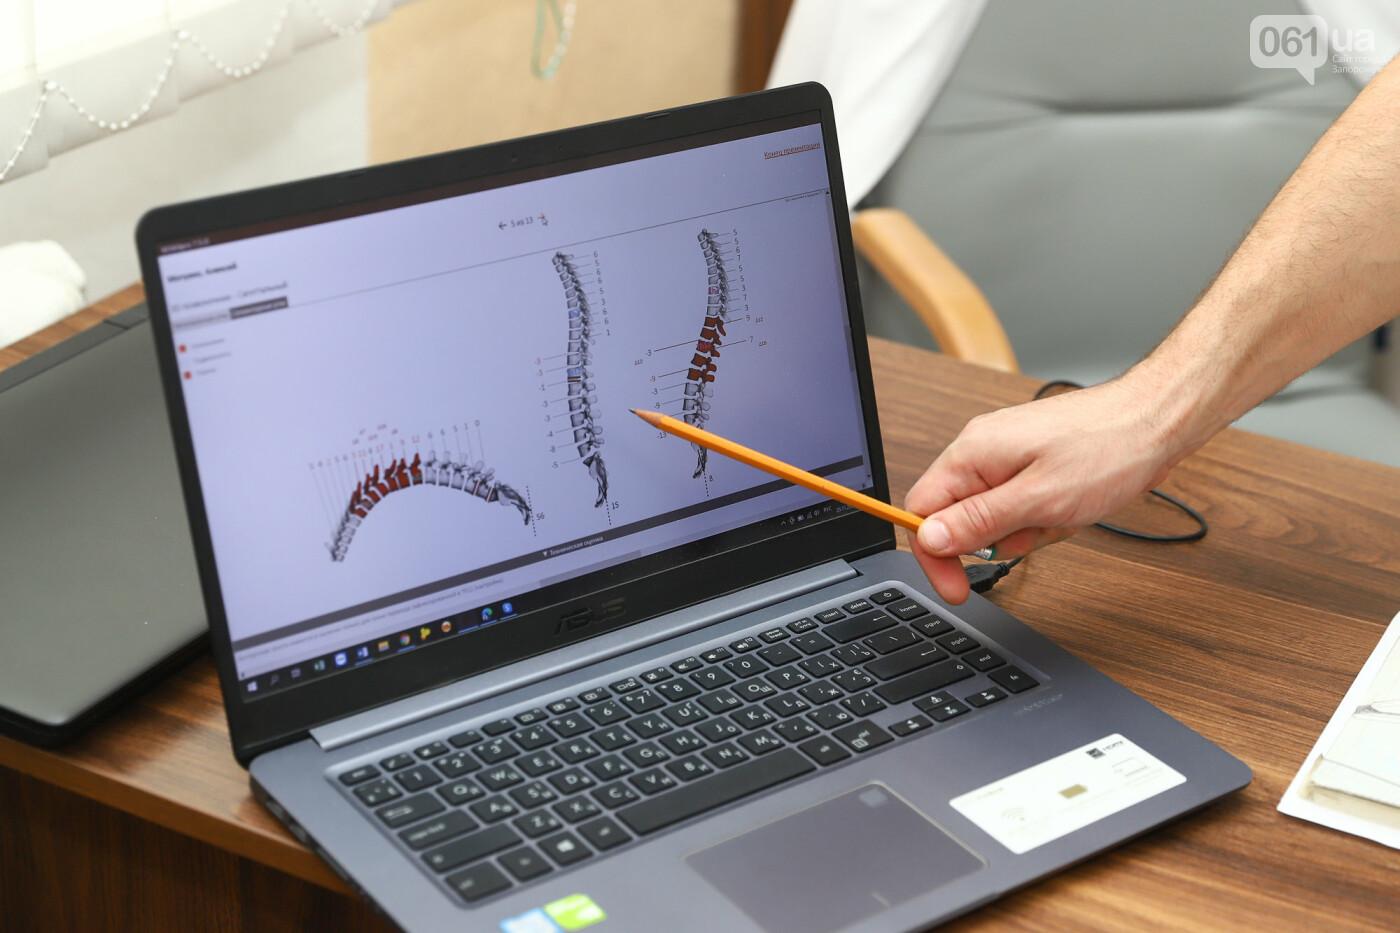 3D-исследование и уникальные тренажеры: как в запорожской клинике OrtoSano лечат болезни позвоночника и суставов, фото-10